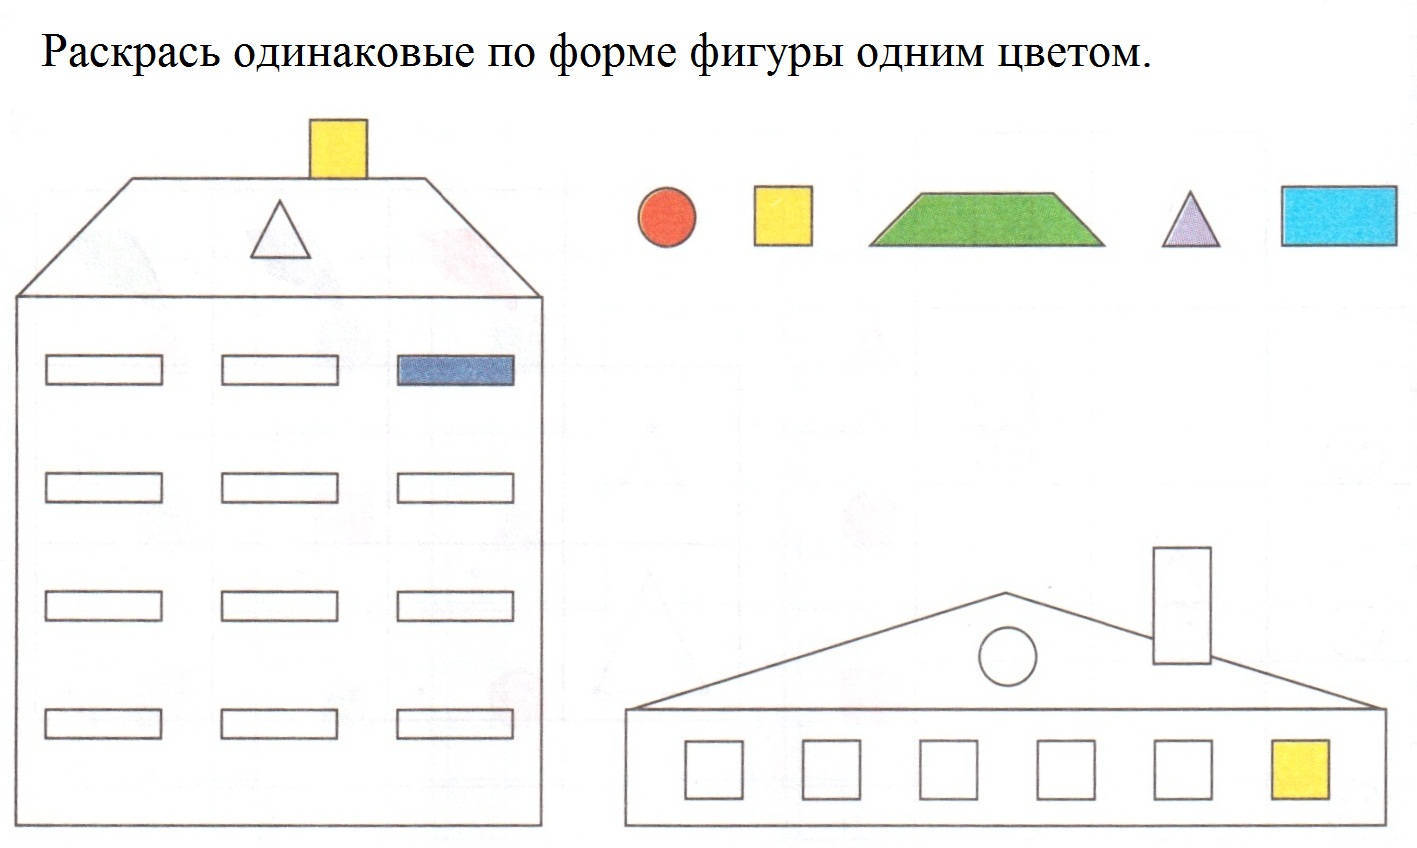 http://jirafenok.ru/wp-content/uploads/2013/05/figuryi.jpg